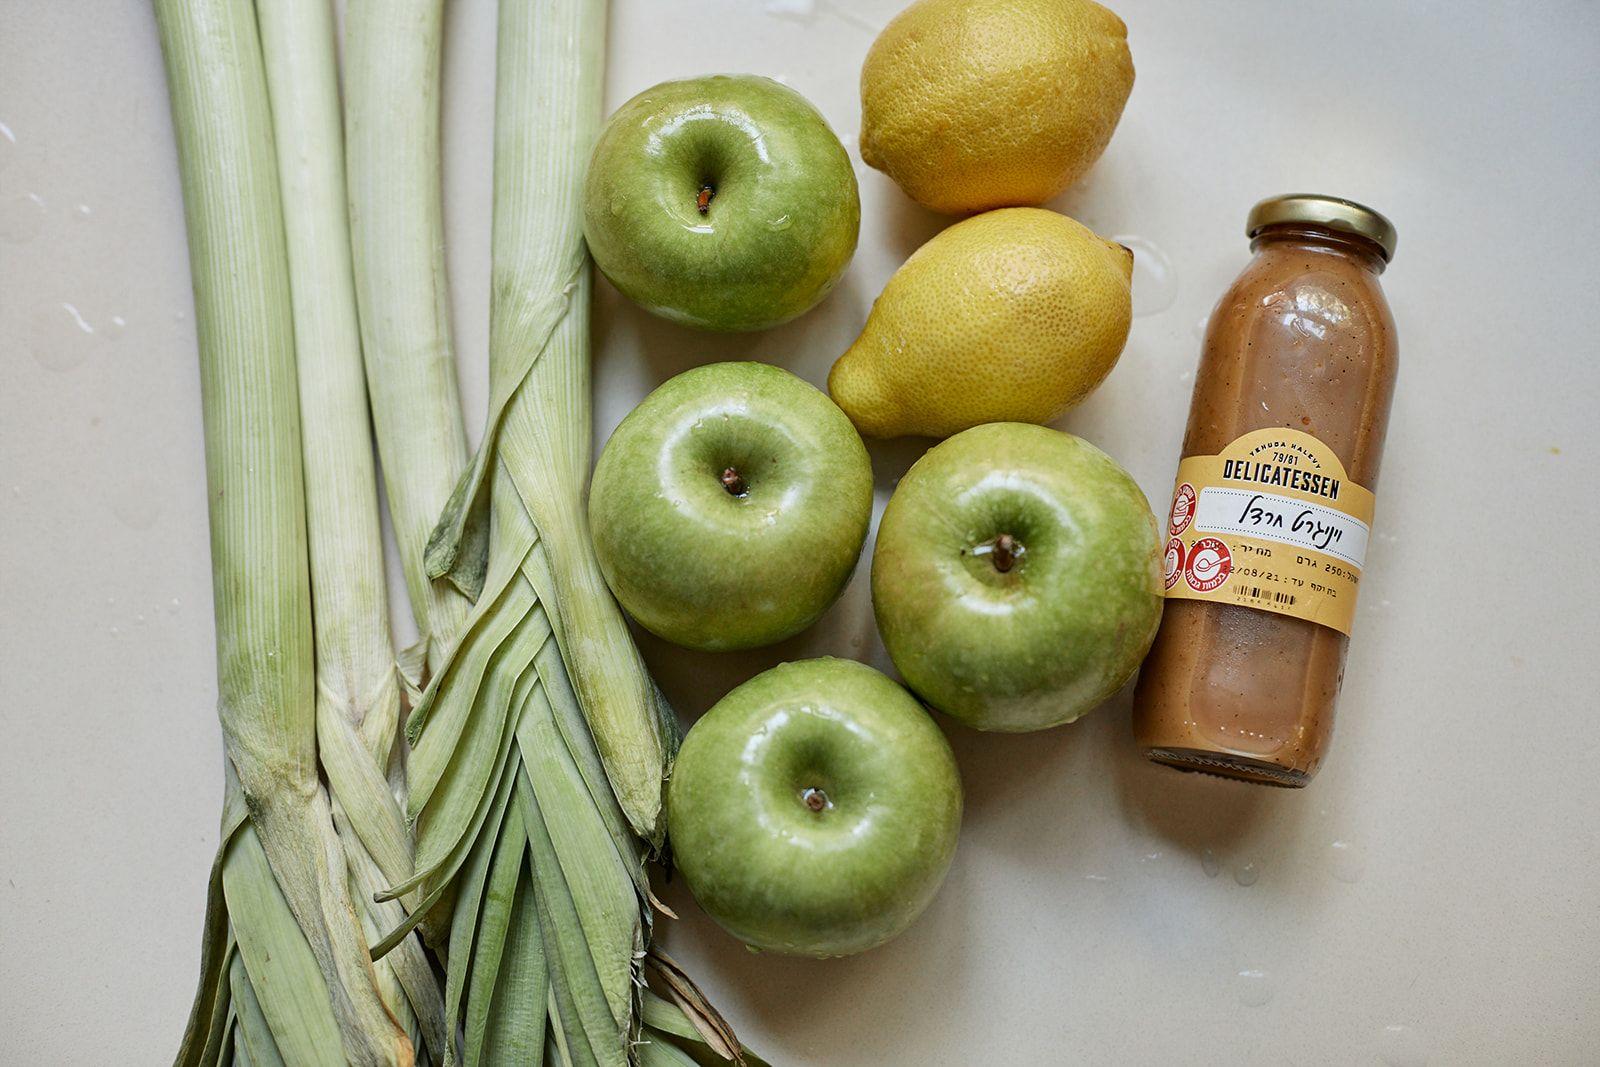 דליקטסן - מתכון לכרישה מאודה ותפוחים בוינגרט חרדל ב-8 מרכיבים